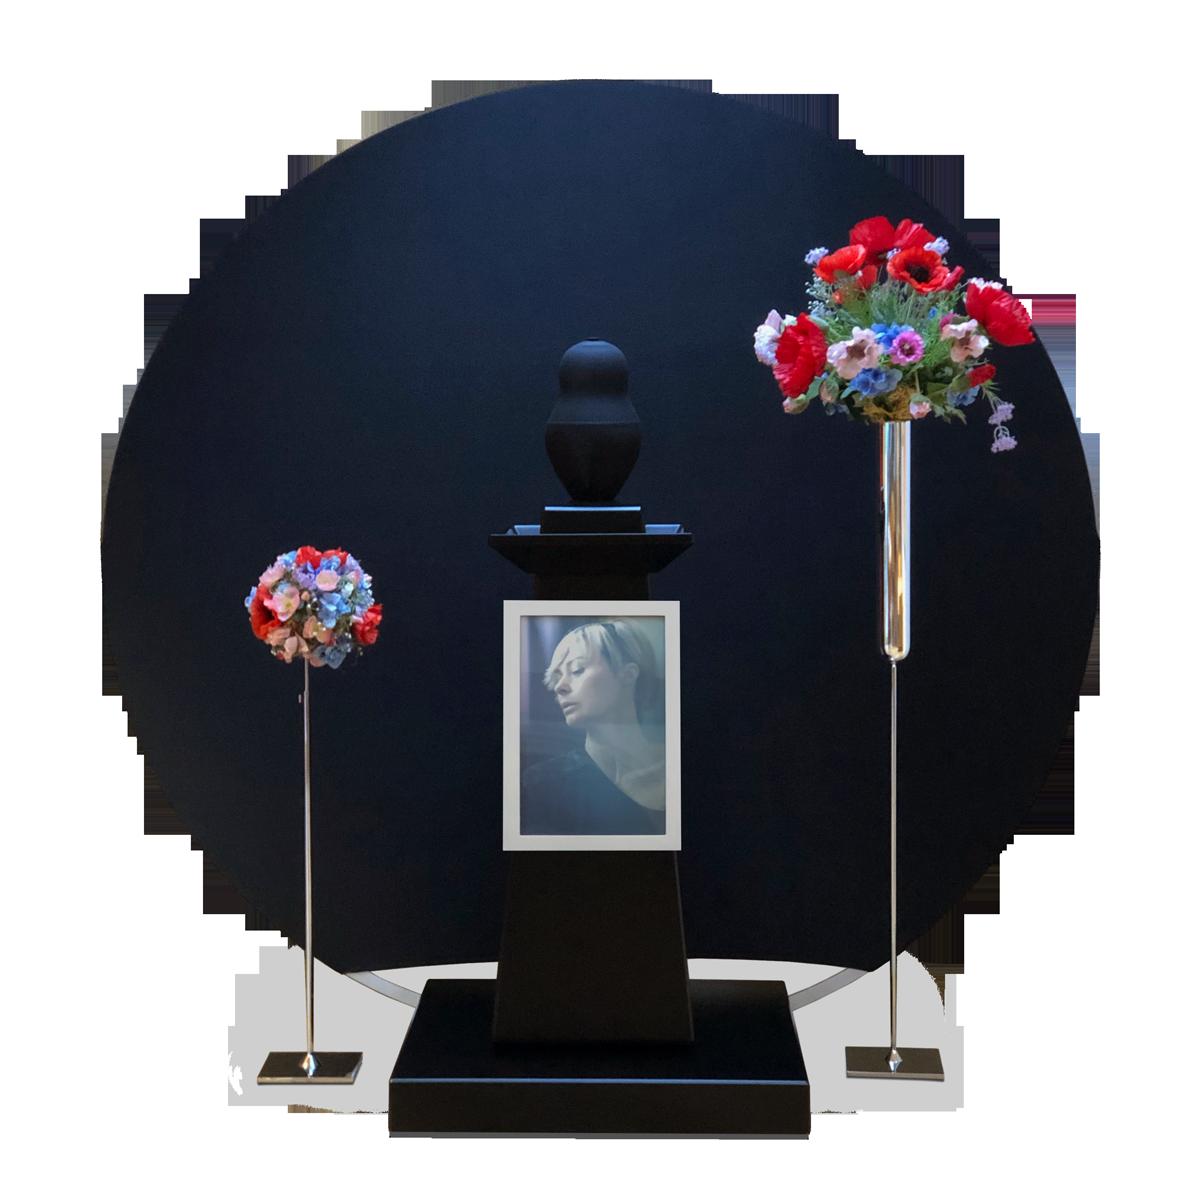 """SOGON-System """"The last stage"""", KOMIO mit Floristikaufsatz """"Blumenkugel"""" (links) und Vasenaufsatz (rechts) ·  SOGON-System """"The last stage"""", KOMIO with floral attachment """"Flower ball"""" (left) and vase attachment (right)"""